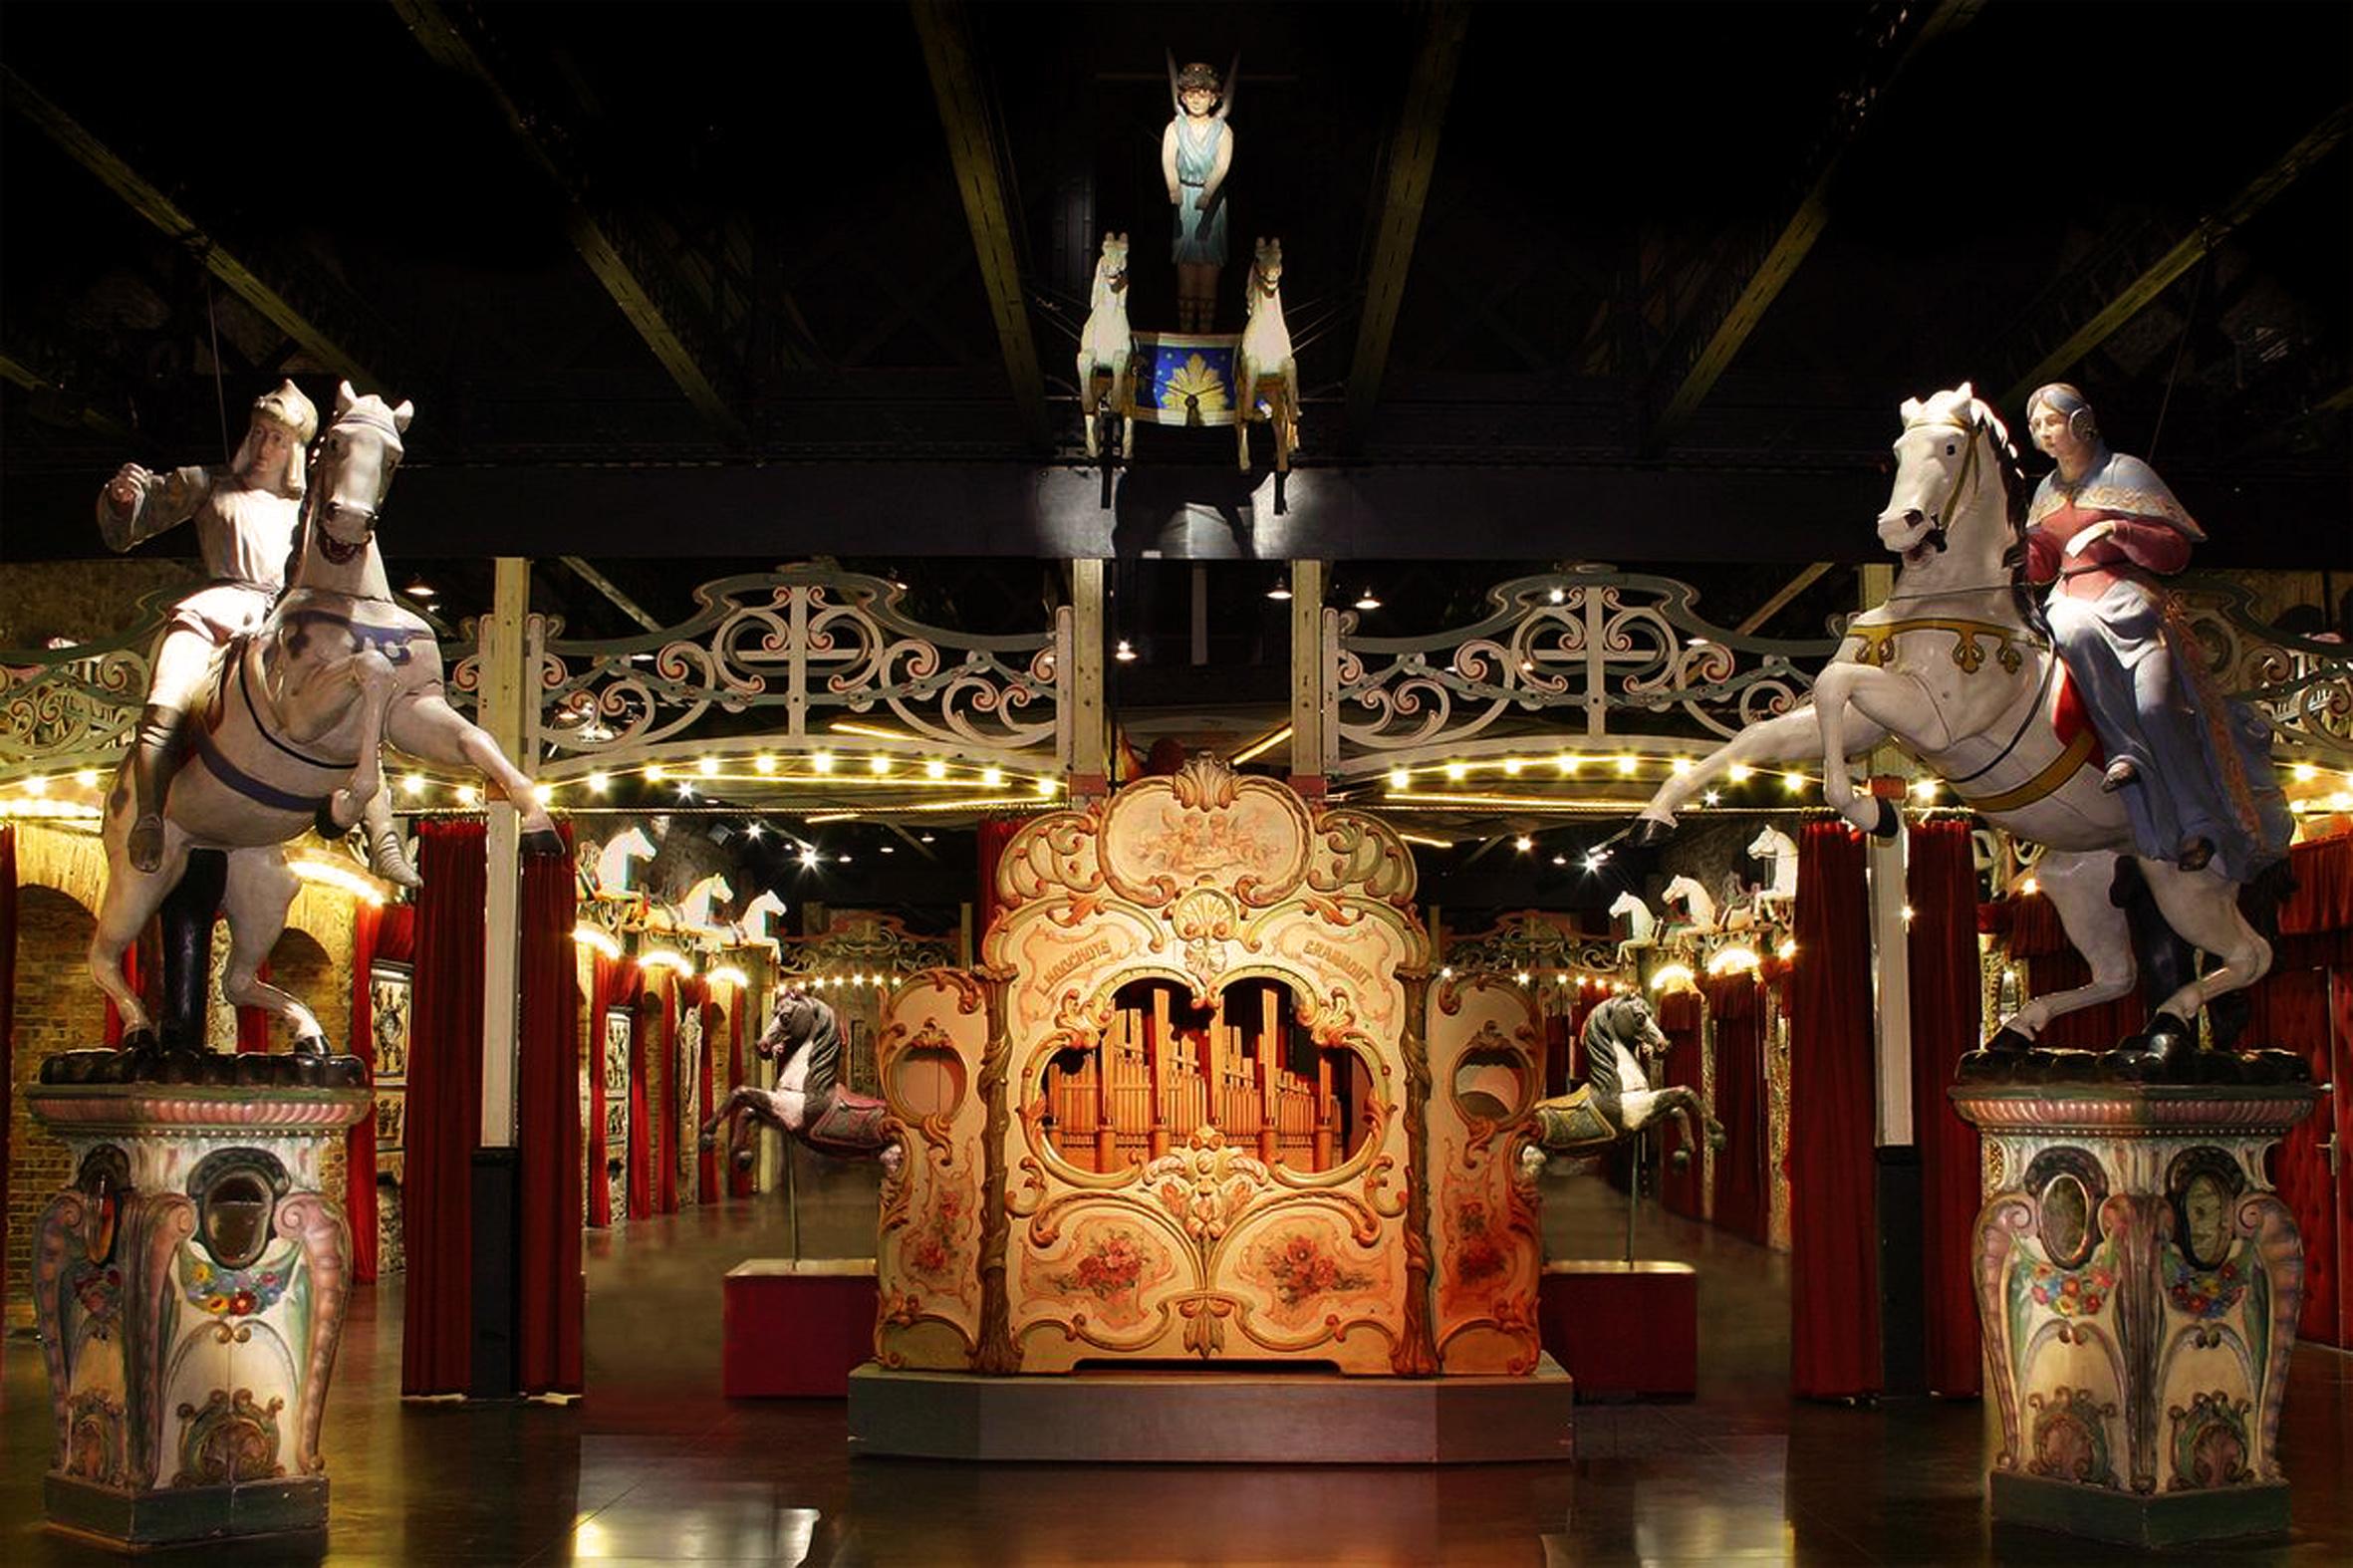 orgue_hooguys_dans_le_musee_des_arts_forains_c_pavillons_de_bercy.jpg